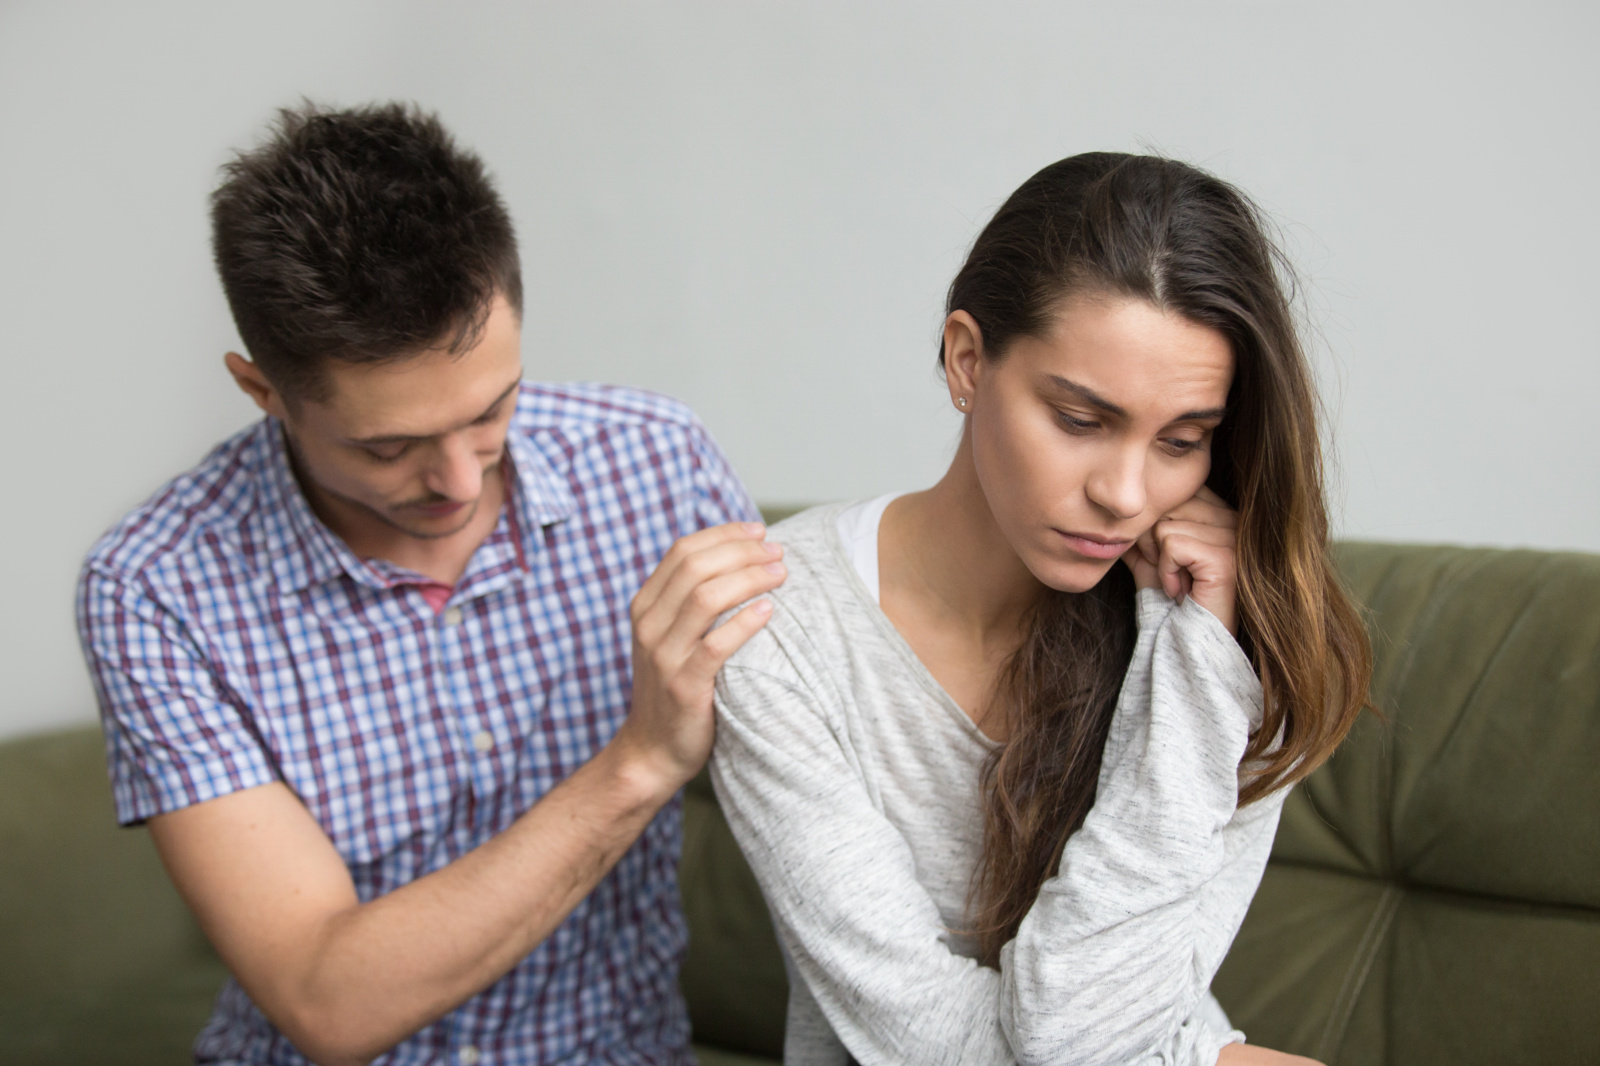 Psichologė pataria – kaip įveikti netektį negraužiant savęs?